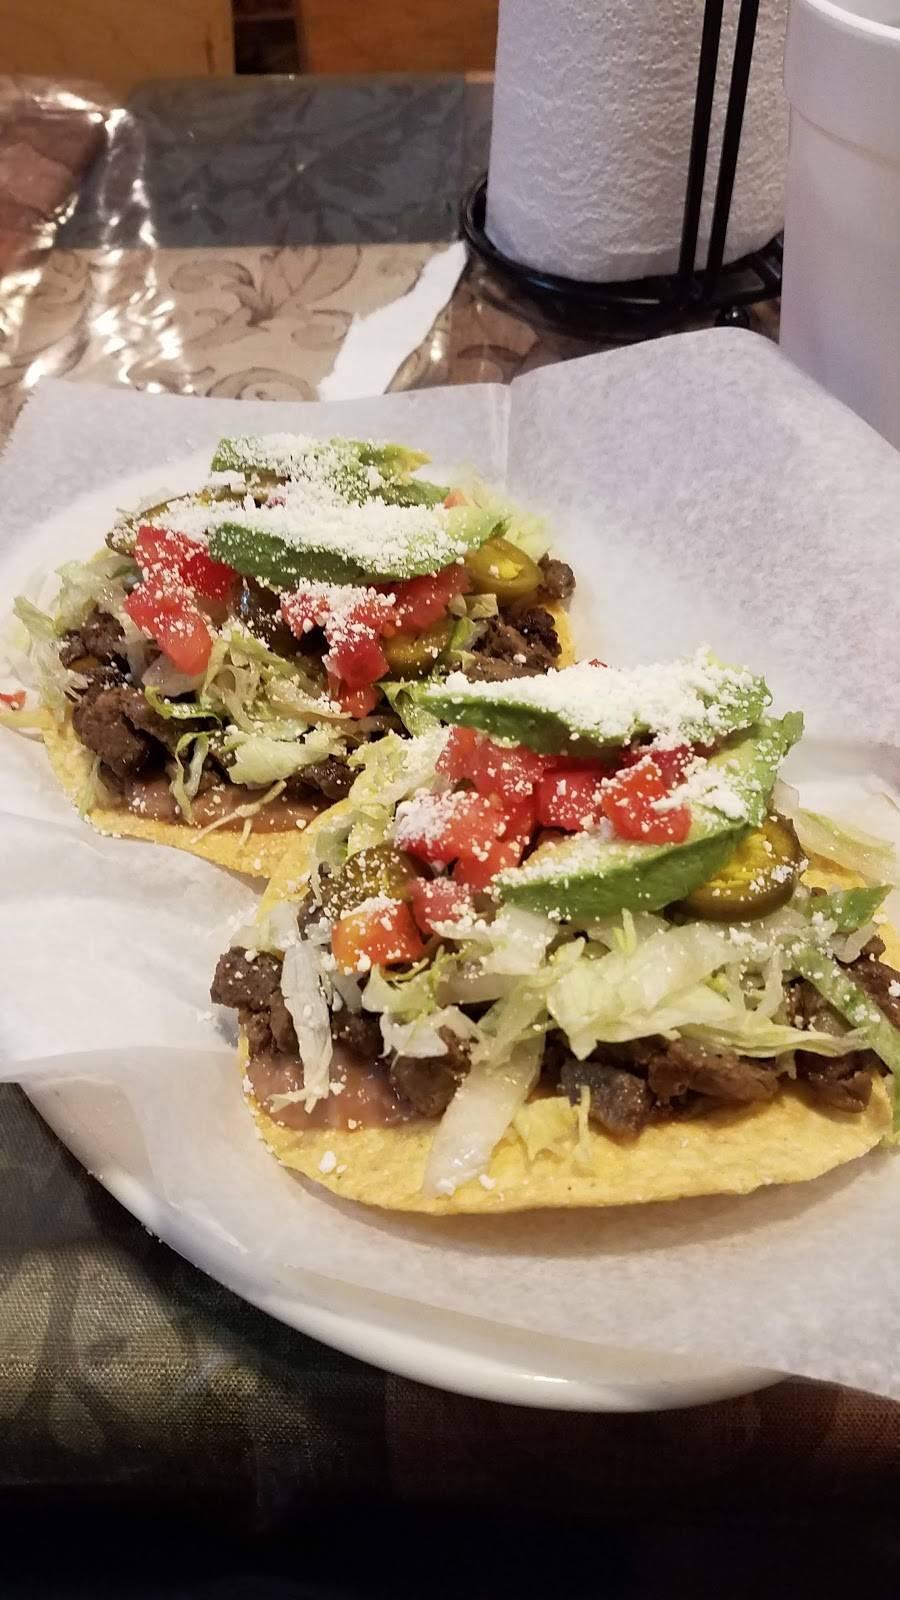 EL DORADO MAYA   restaurant   2233 SE Hwy 70, Arcadia, FL 34266, USA   8634915018 OR +1 863-491-5018